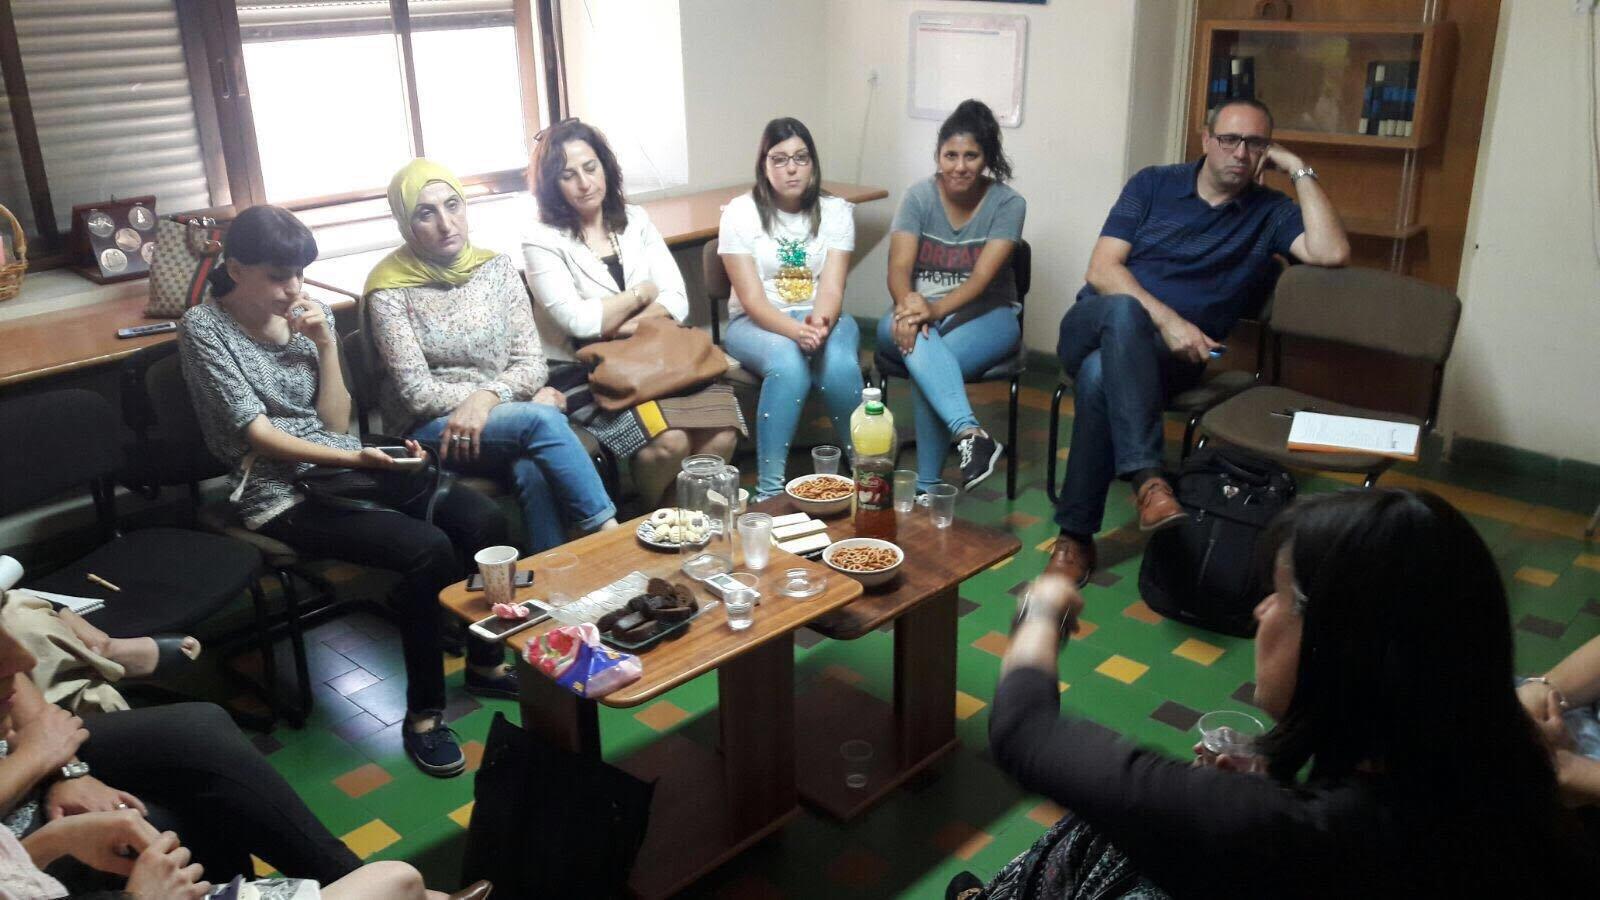 جمعية نساء ضد العنف تختتم دورة تهدف لاكساب مهارات التعامل مع نساء ذوي اعاقات مختلفة